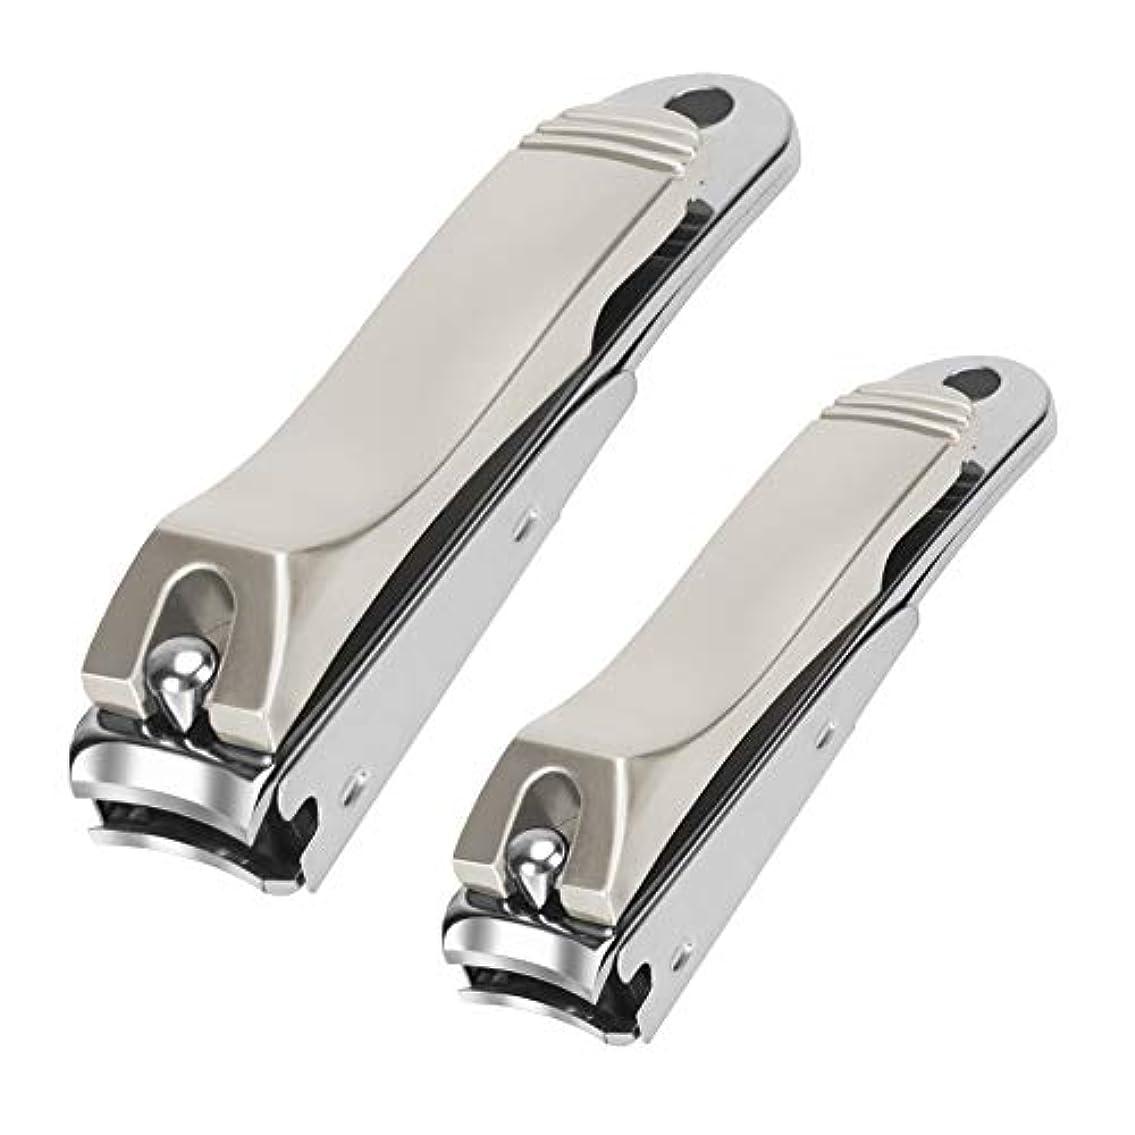 ホールドオール一時解雇するあなたが良くなりますQpai爪切り カバー付き ステンレス鋼製 爪やすり付き 飛び散り防止